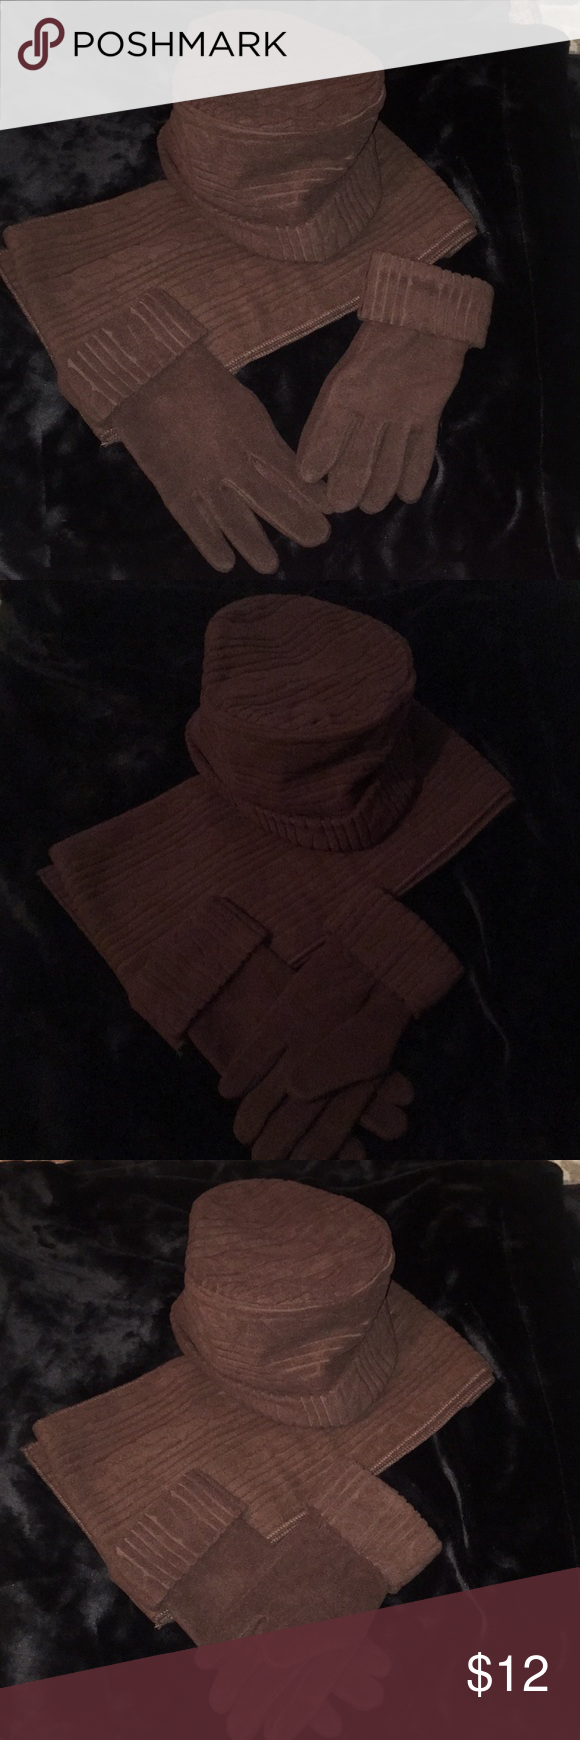 Dark Brown hat,scarf & glove set